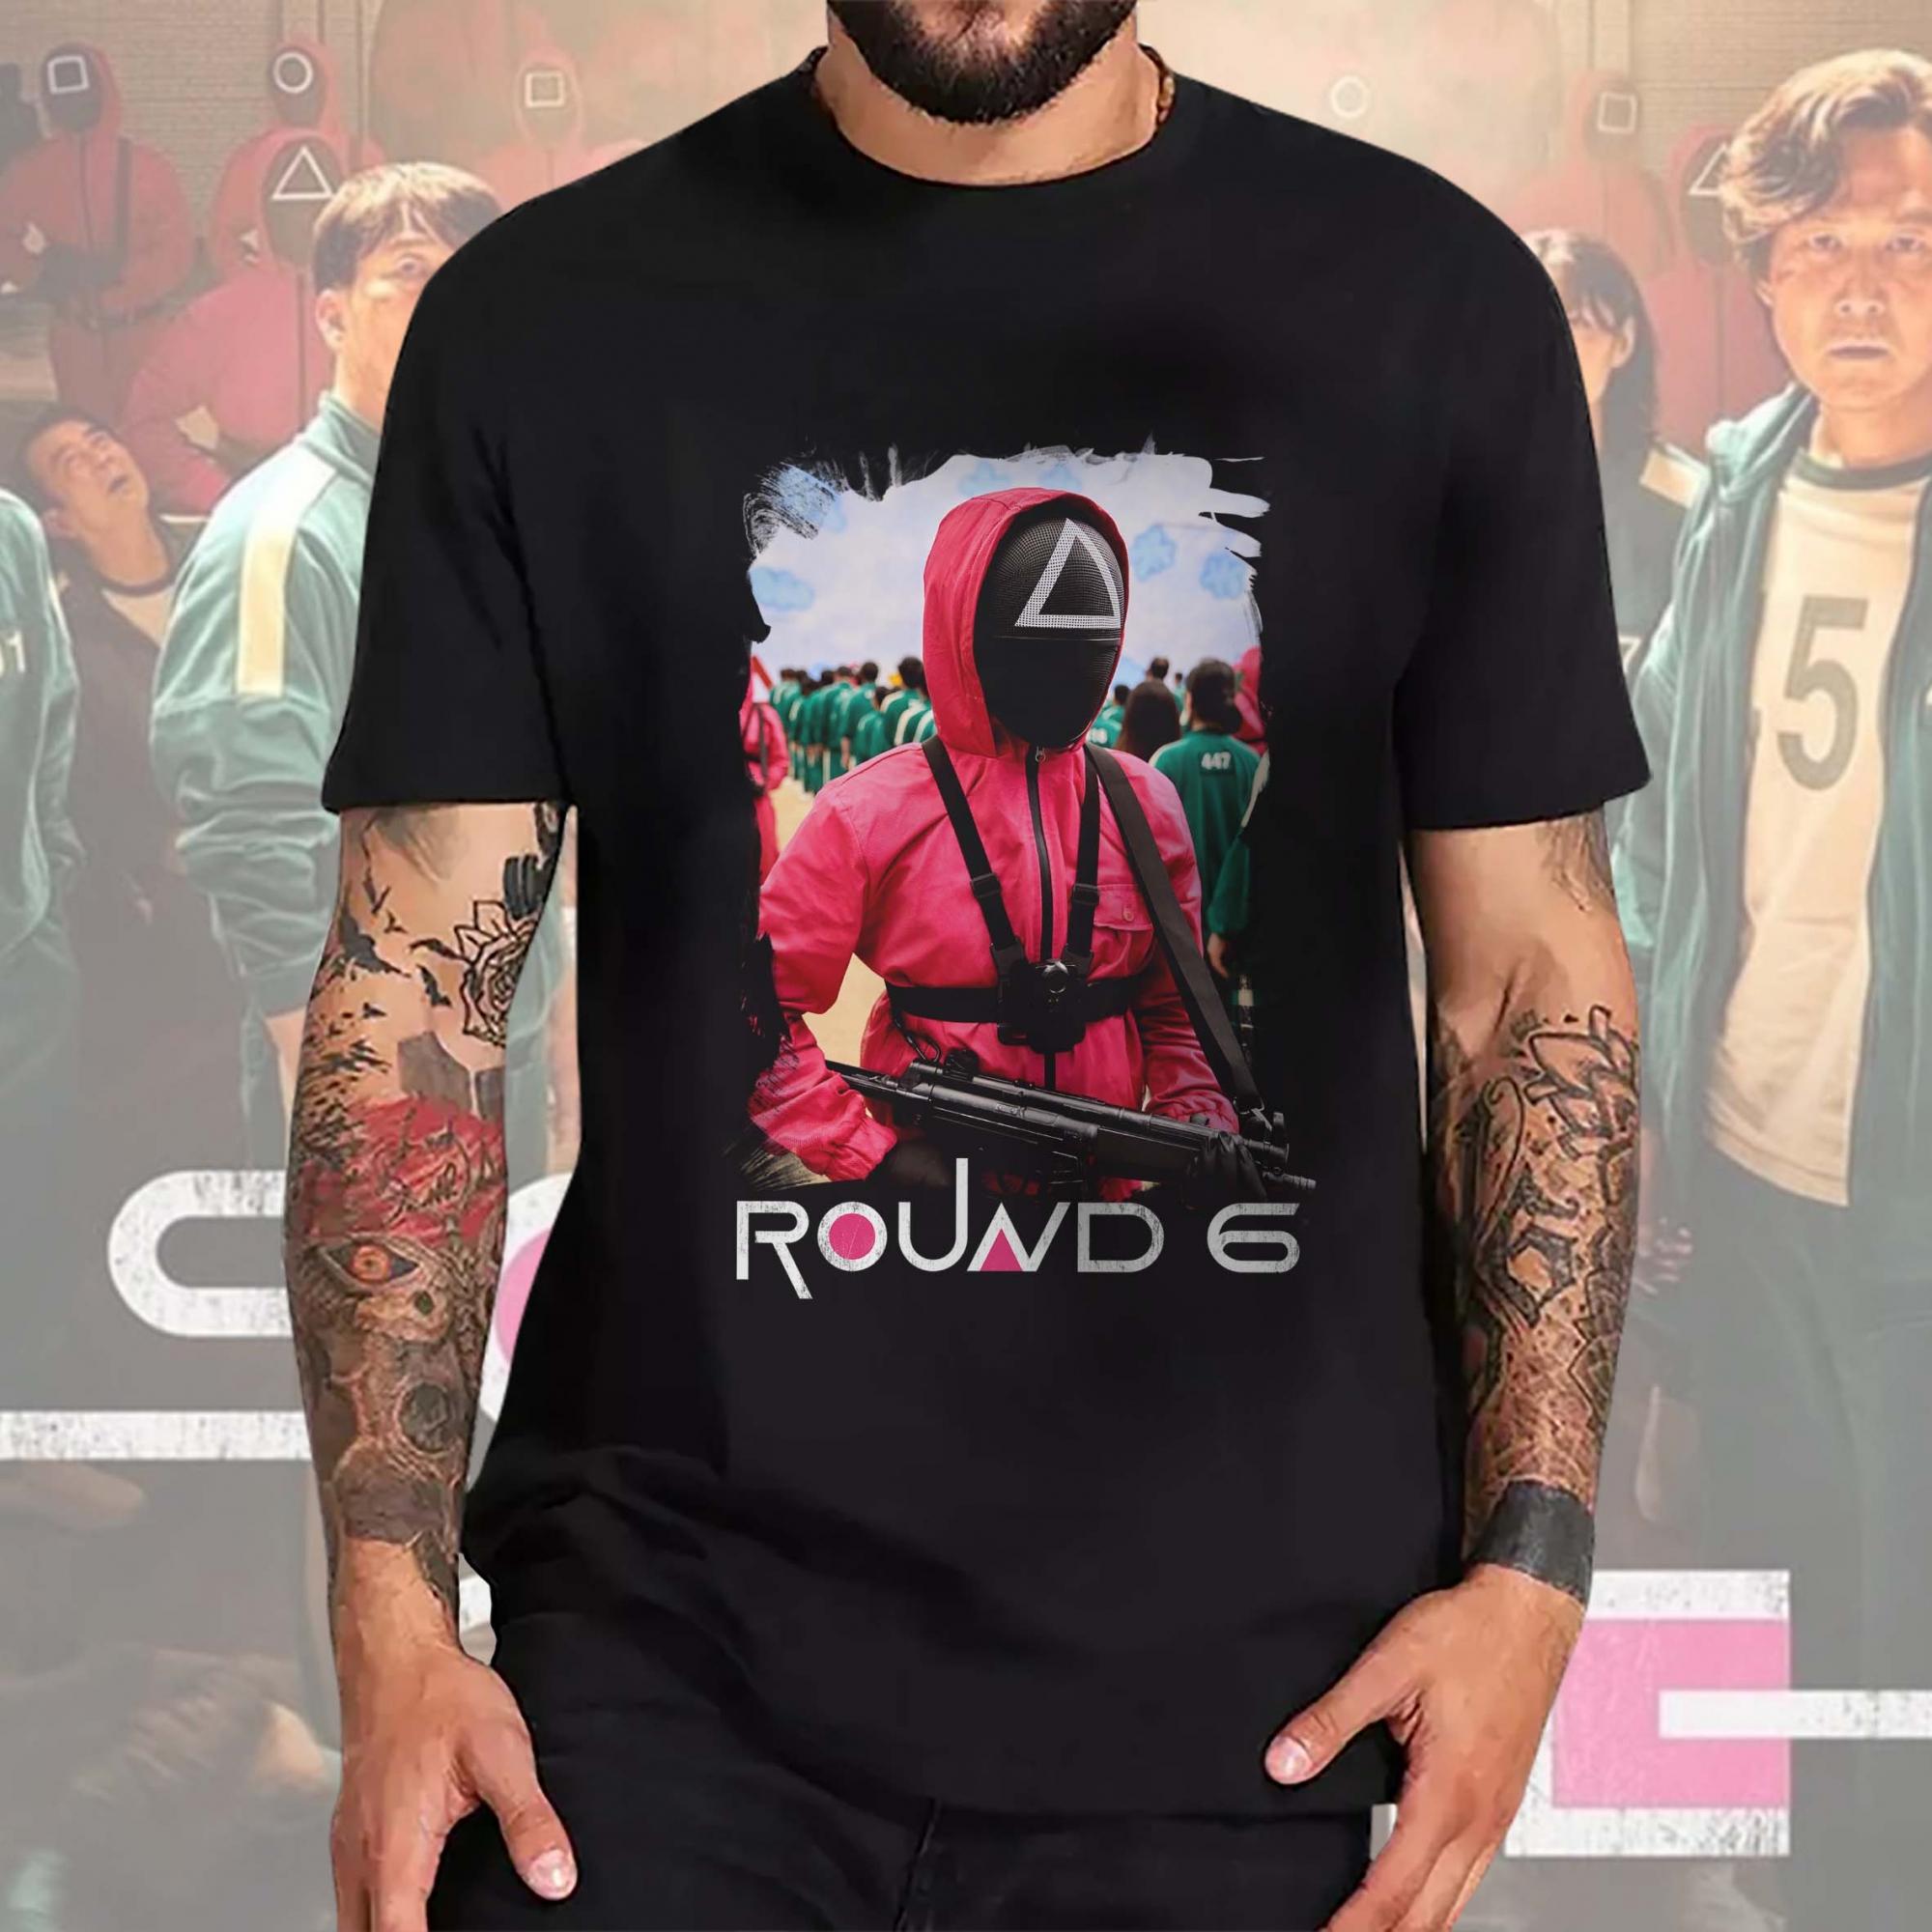 Camiseta Masculina Unissex Round 6 Squid Game Netflix (Preta) - EV